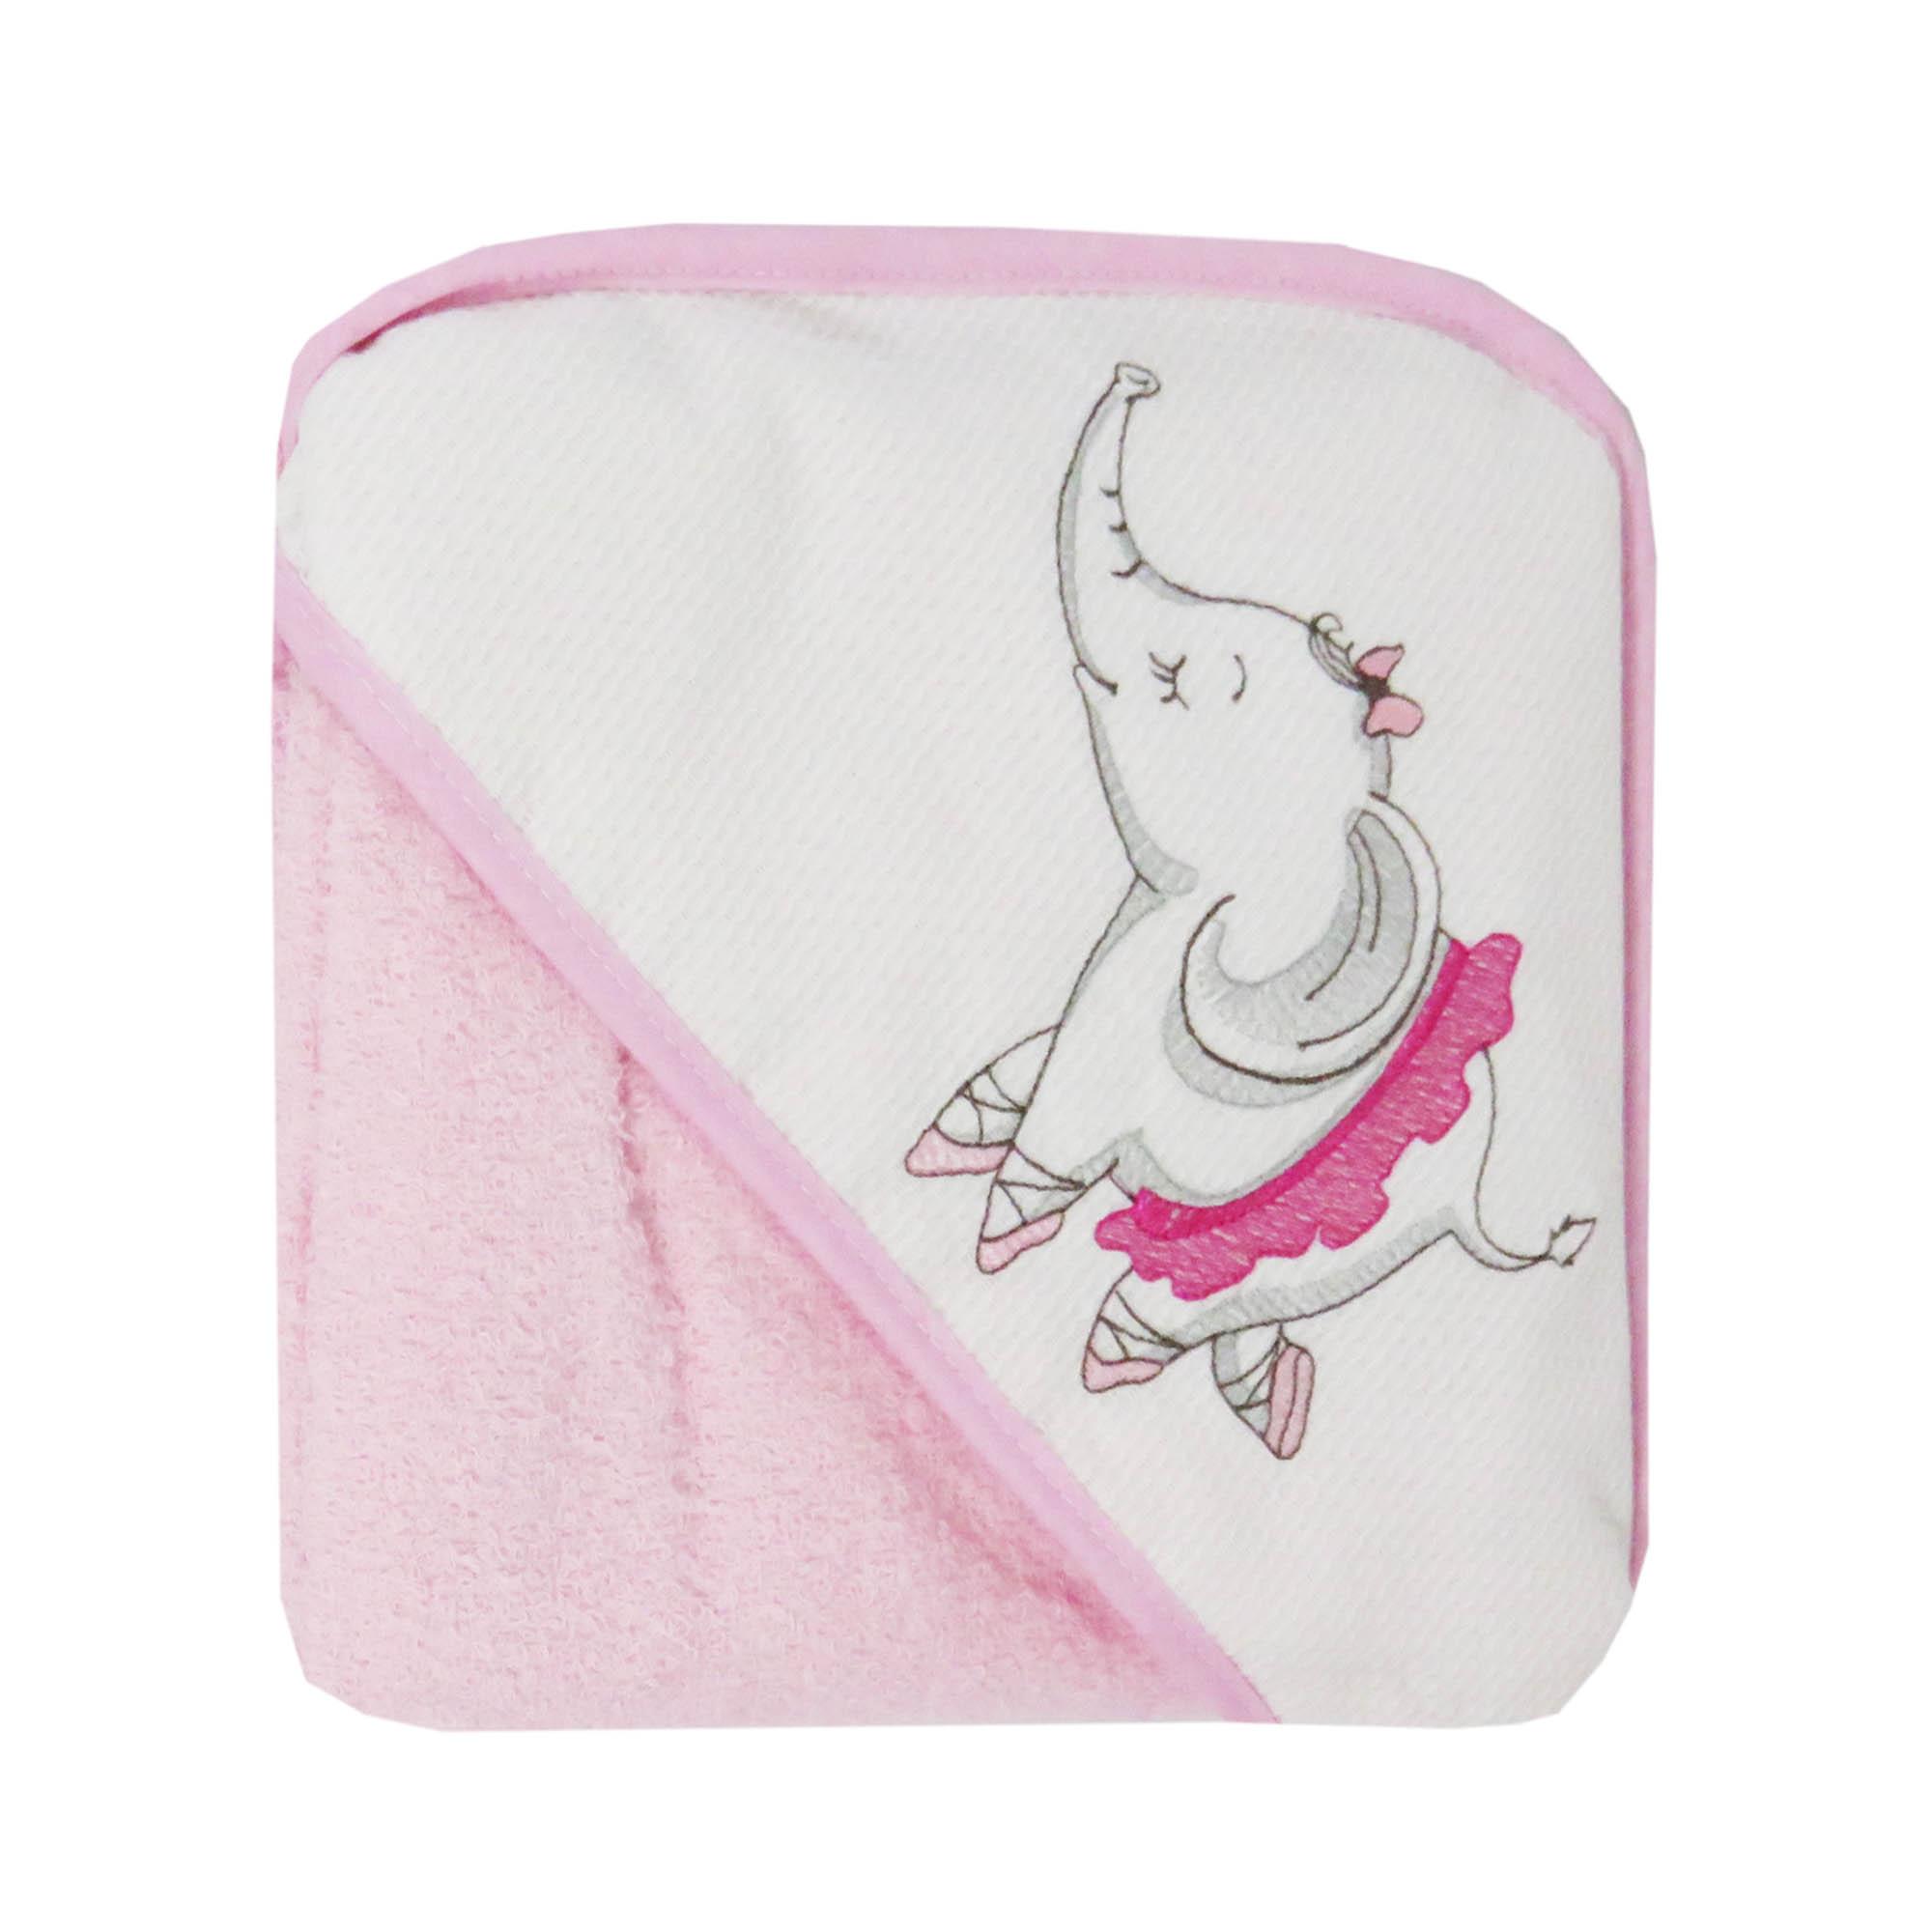 Toalha Bordada com Capuz de Canto - Incomfral - Bambi Encanto - Elefante Bailarina